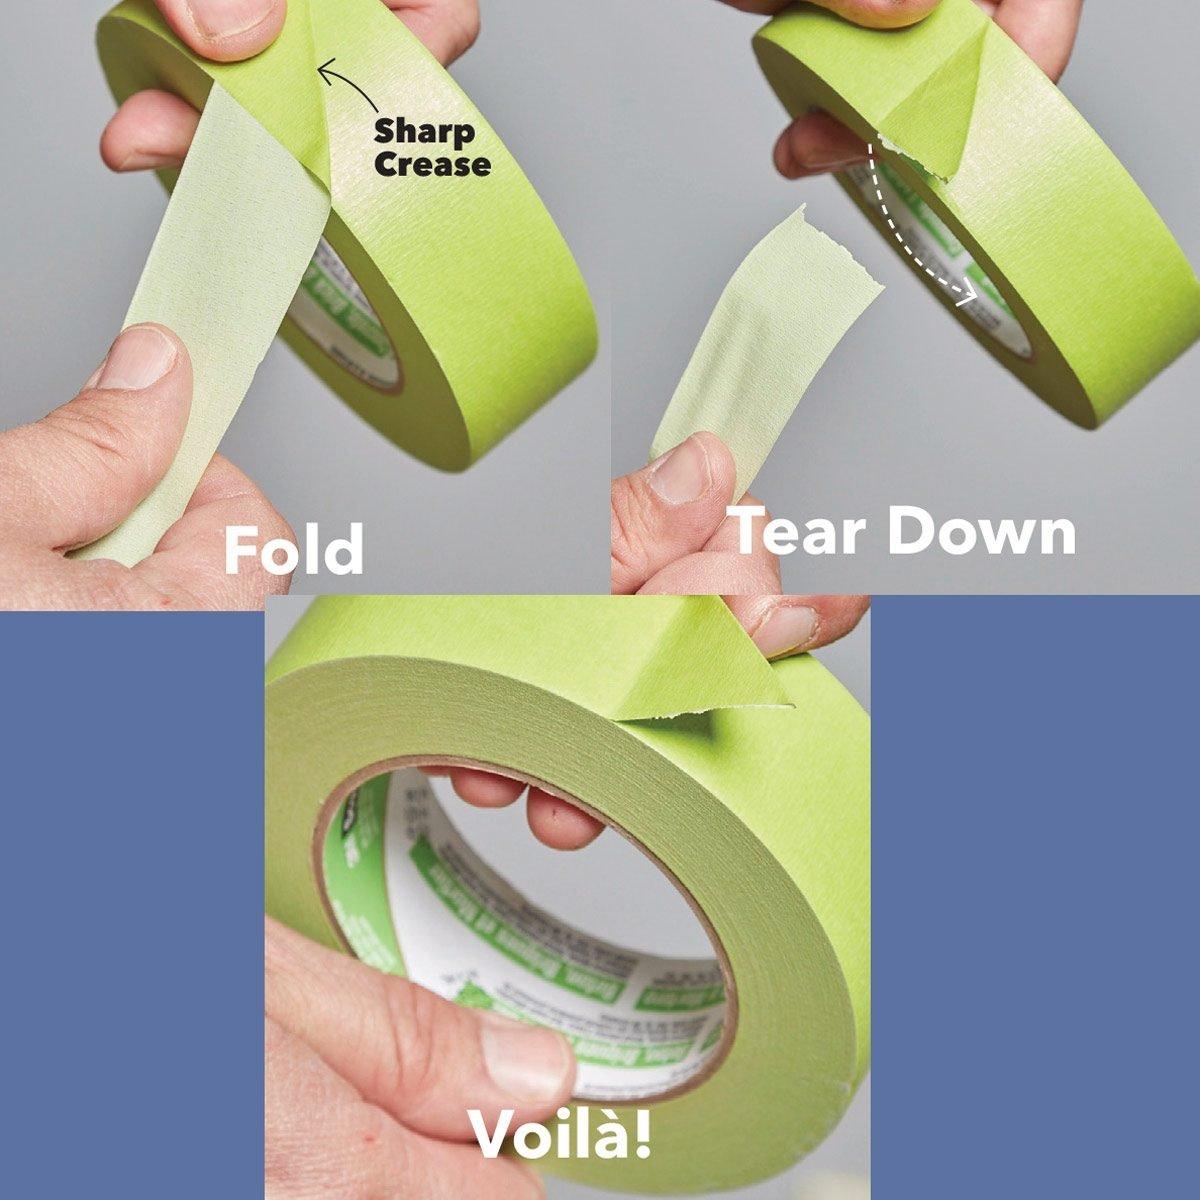 Tape-Tearing Tip